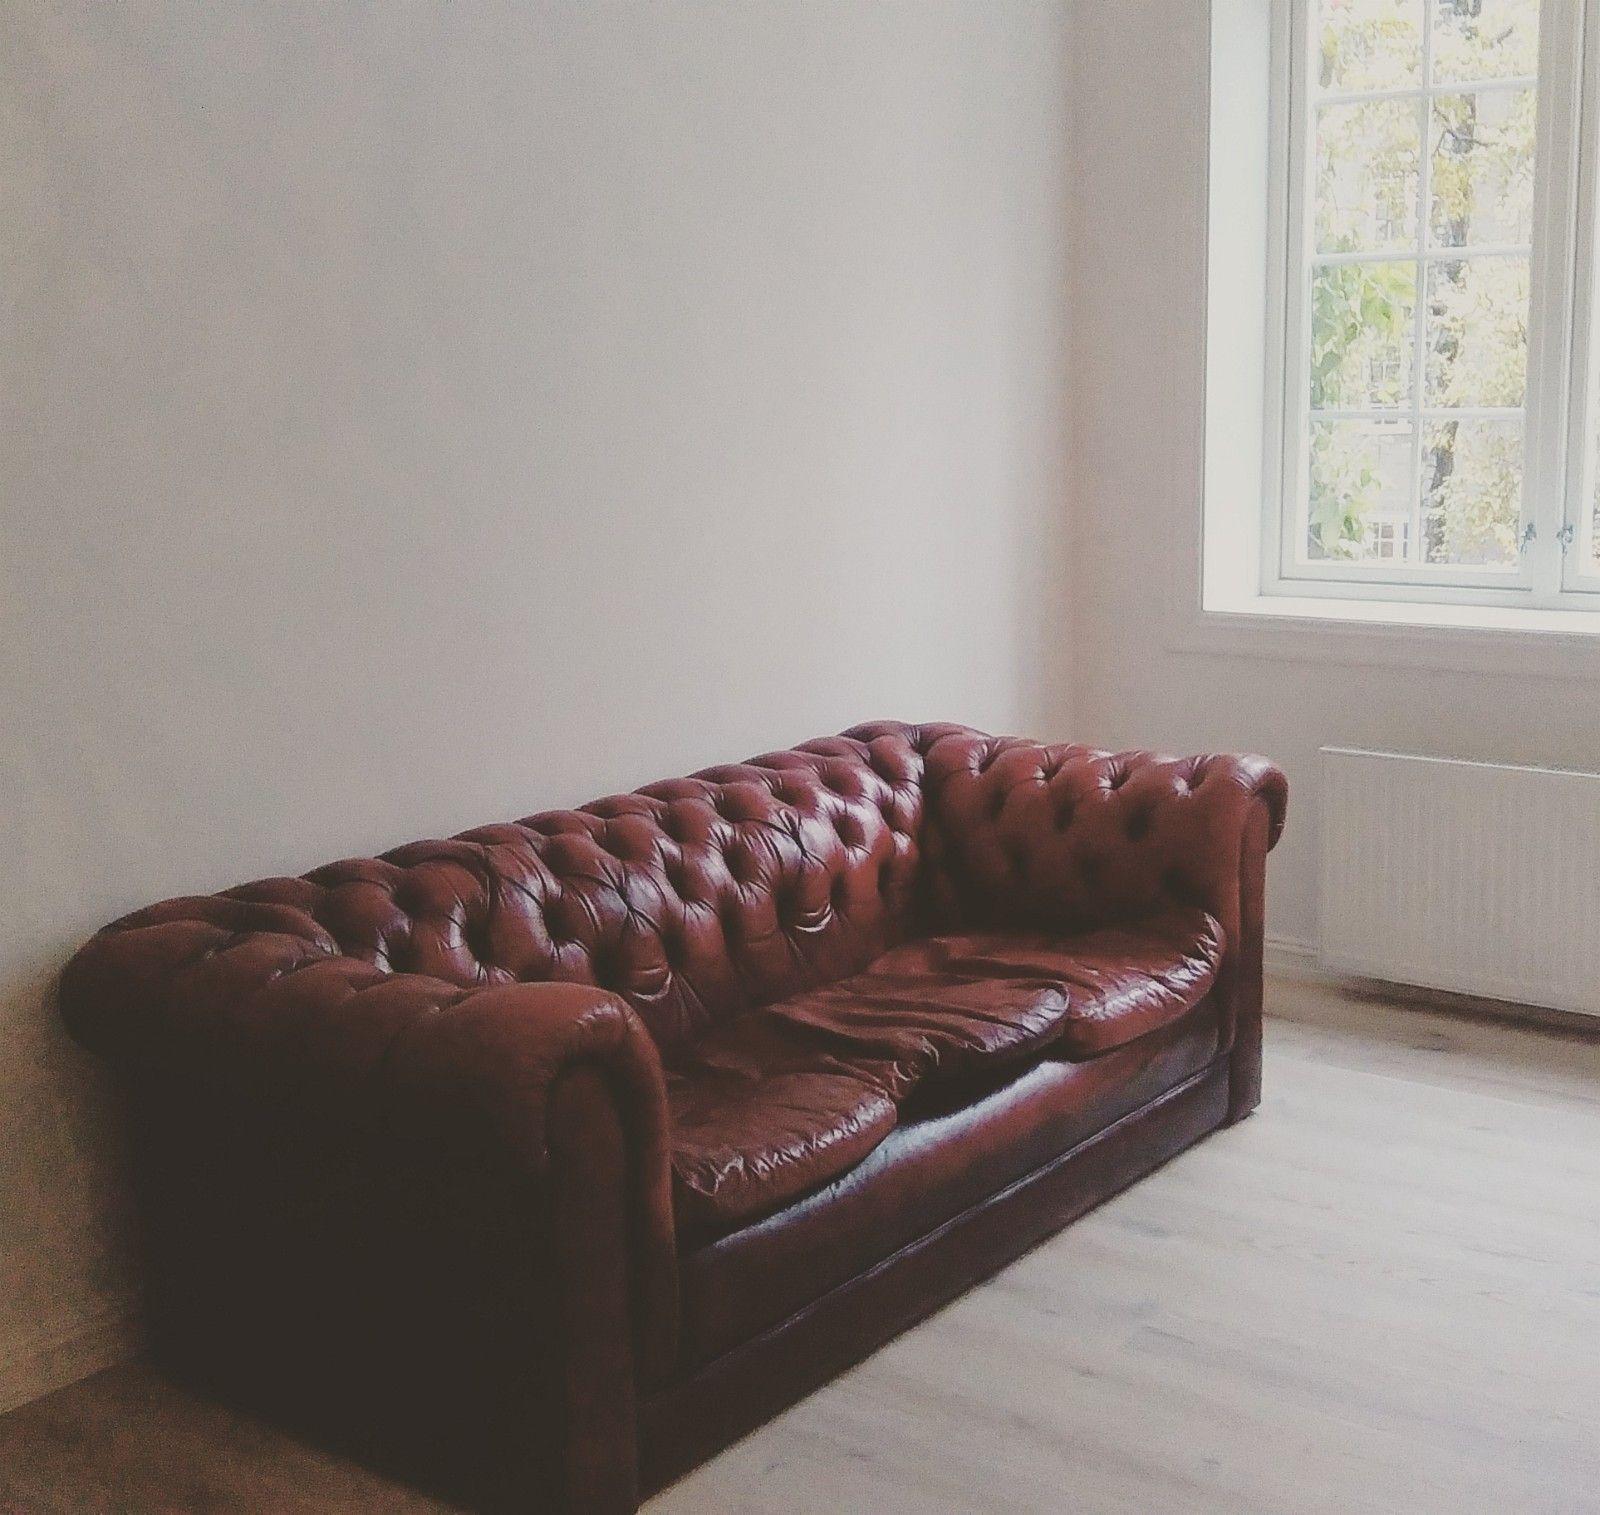 Vintage Chesterfield Sofa Kjøpt På Fransk Bazar På Grünerløkka I Sommer.  Ekte Skinn Og Dunputer